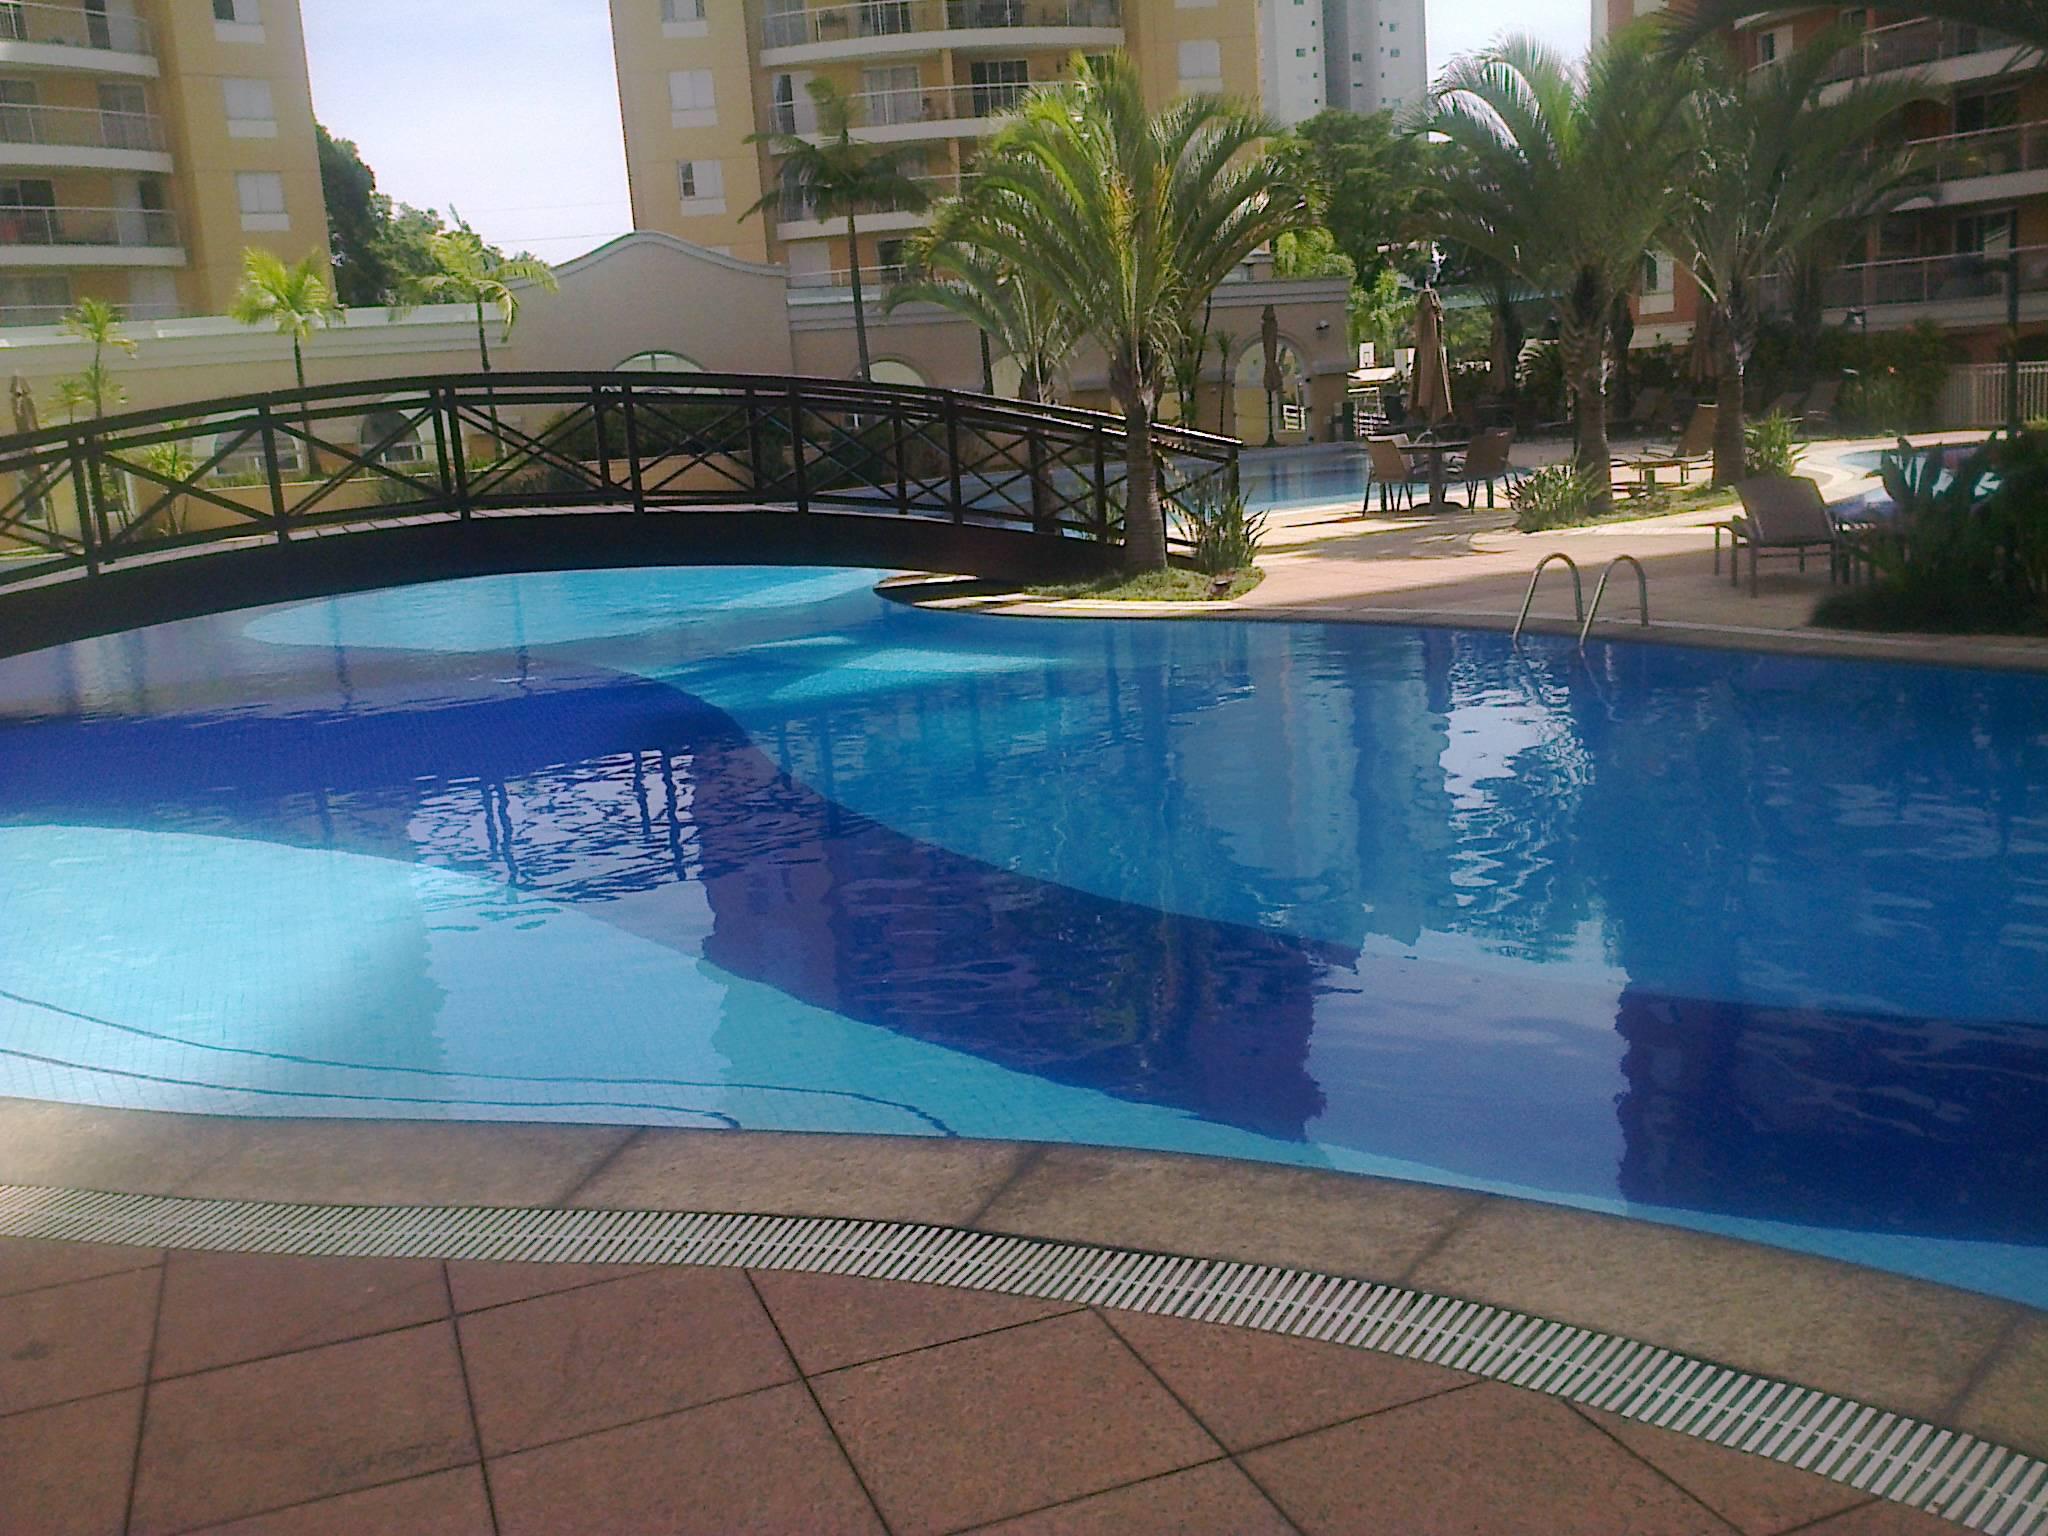 Empresa para limpar piscina qualy tratus piscinas for Piscinas empresas